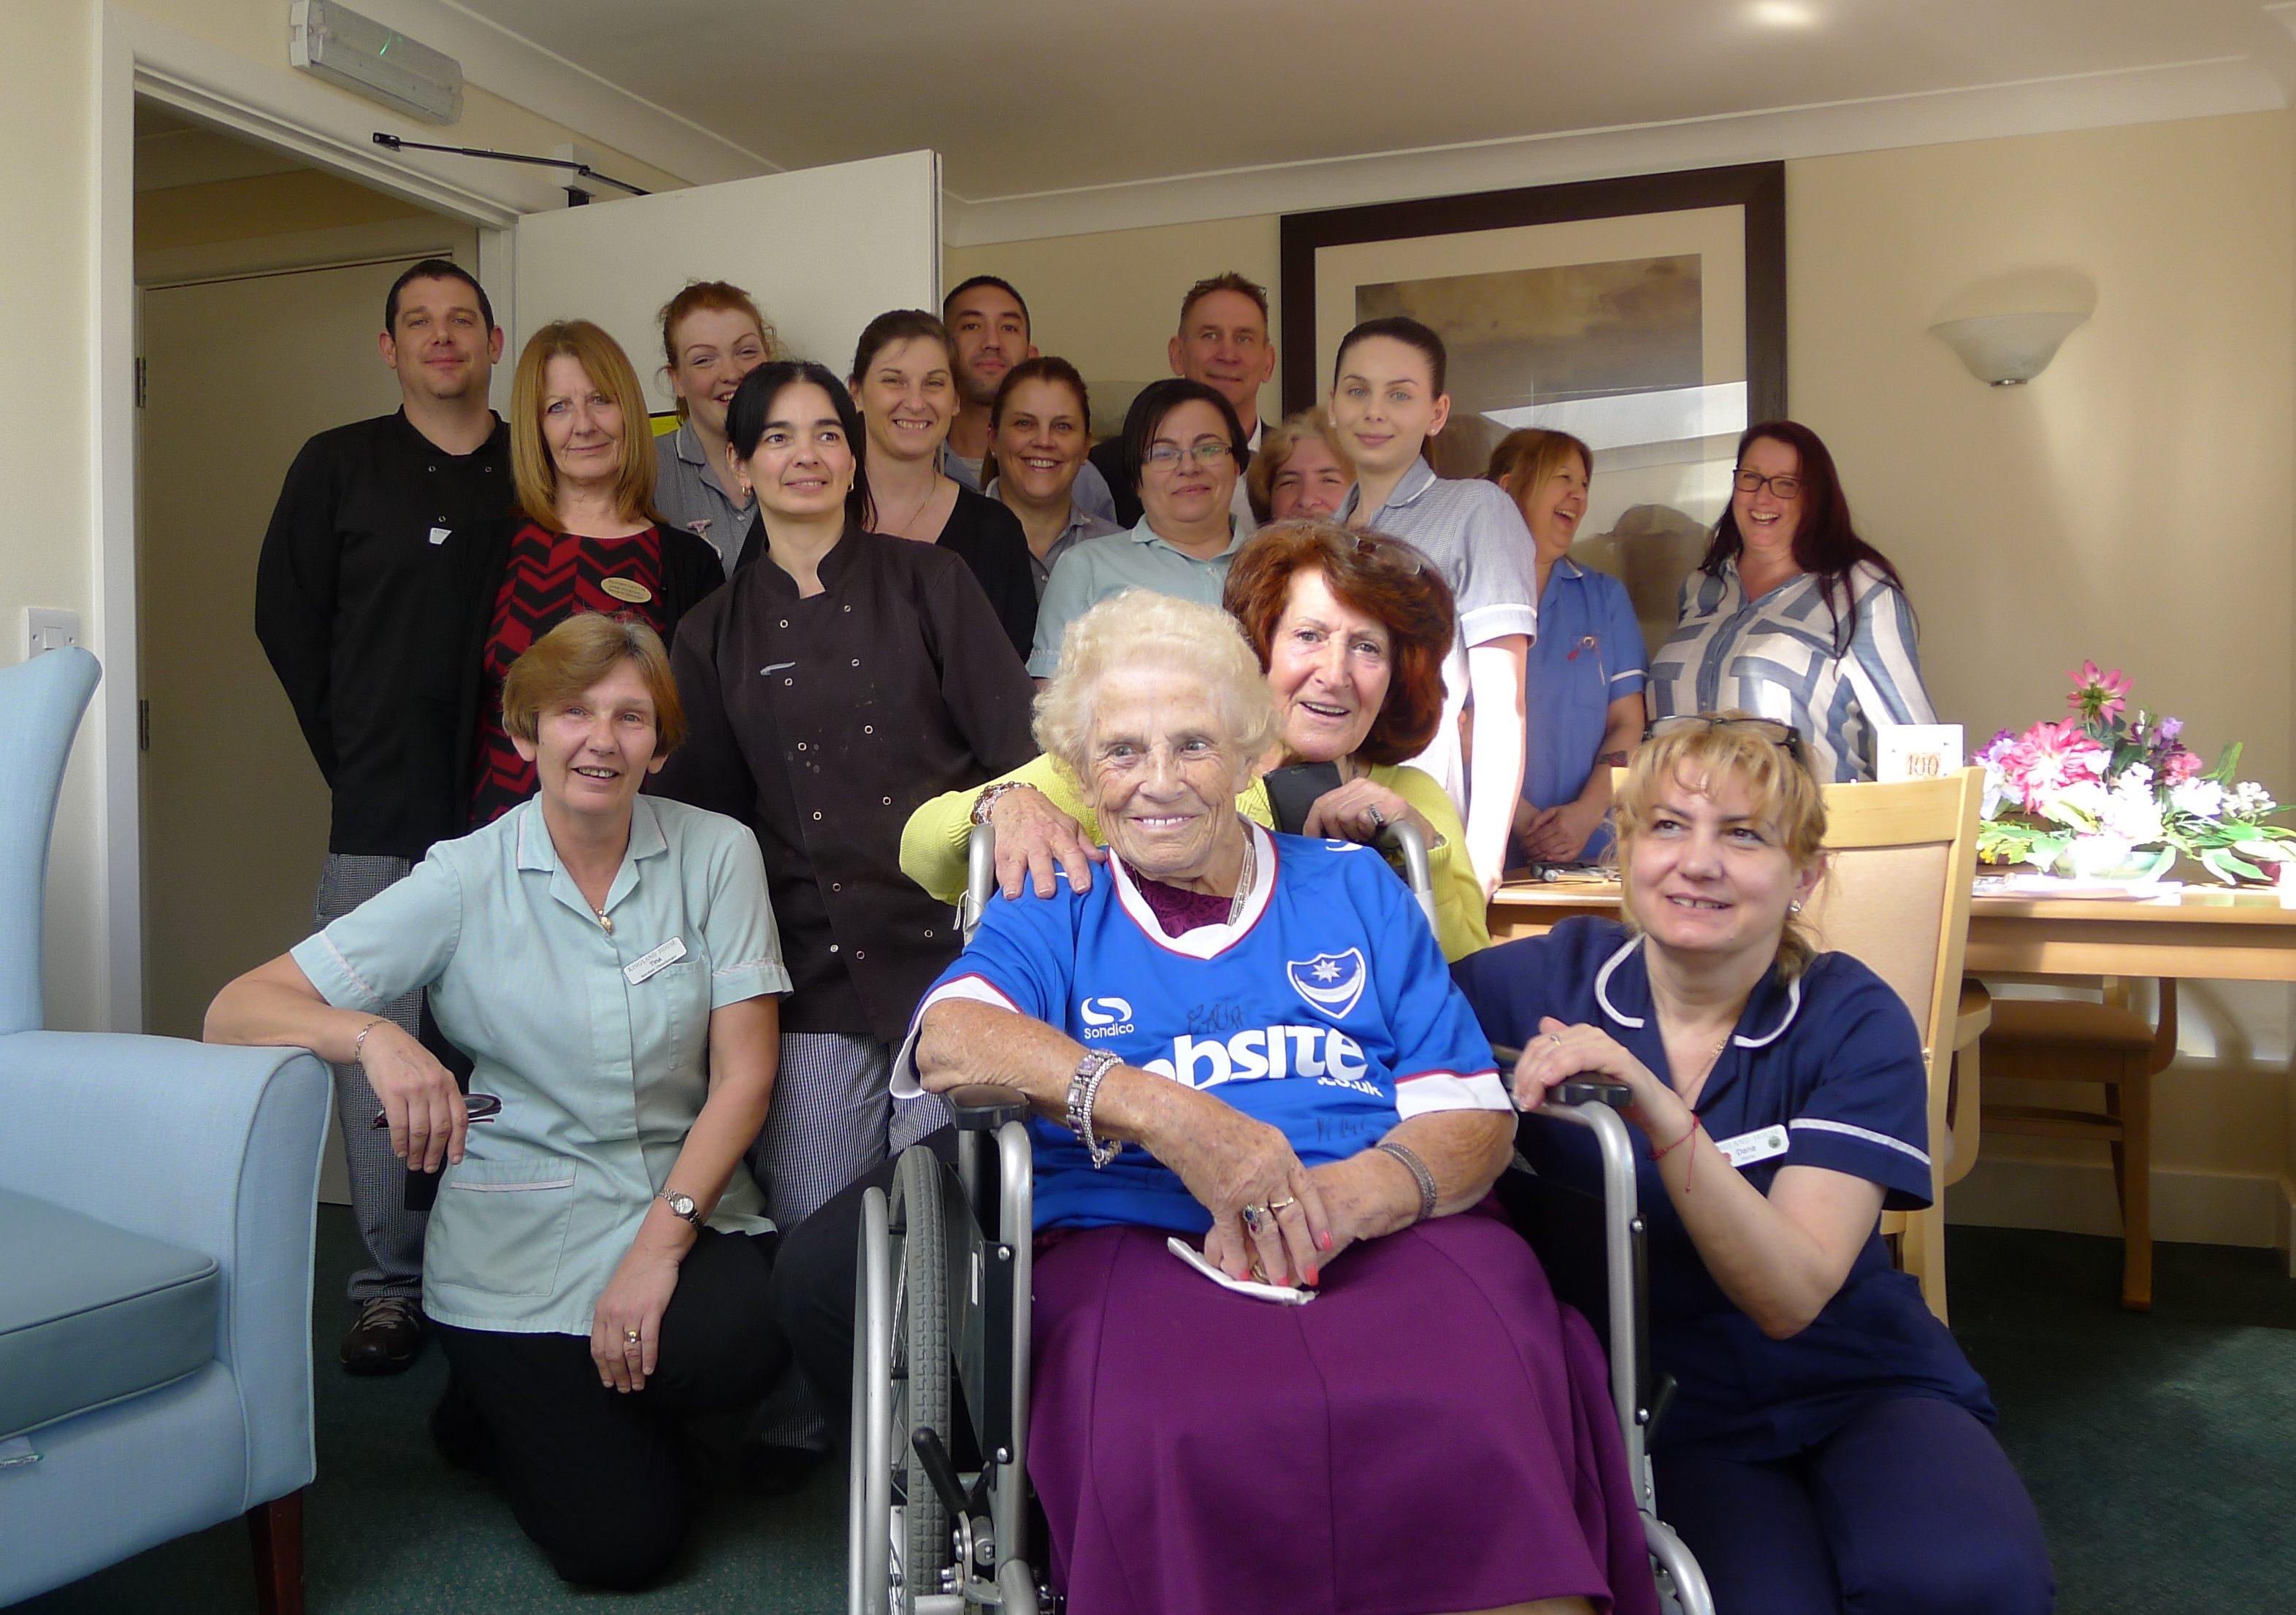 Babs Celebrates Turning 100 at Kingland House